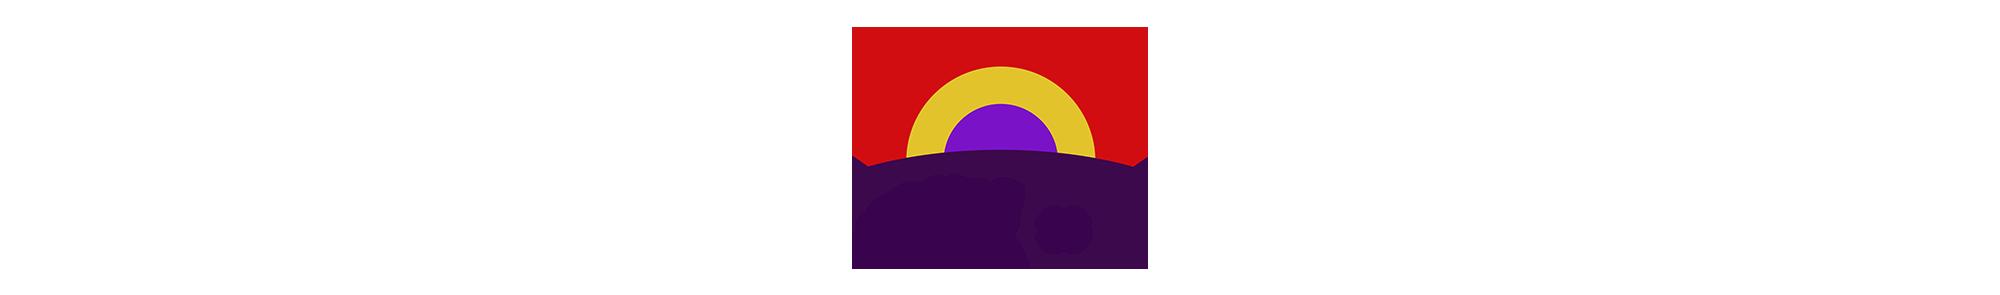 AFFNA36.ORG